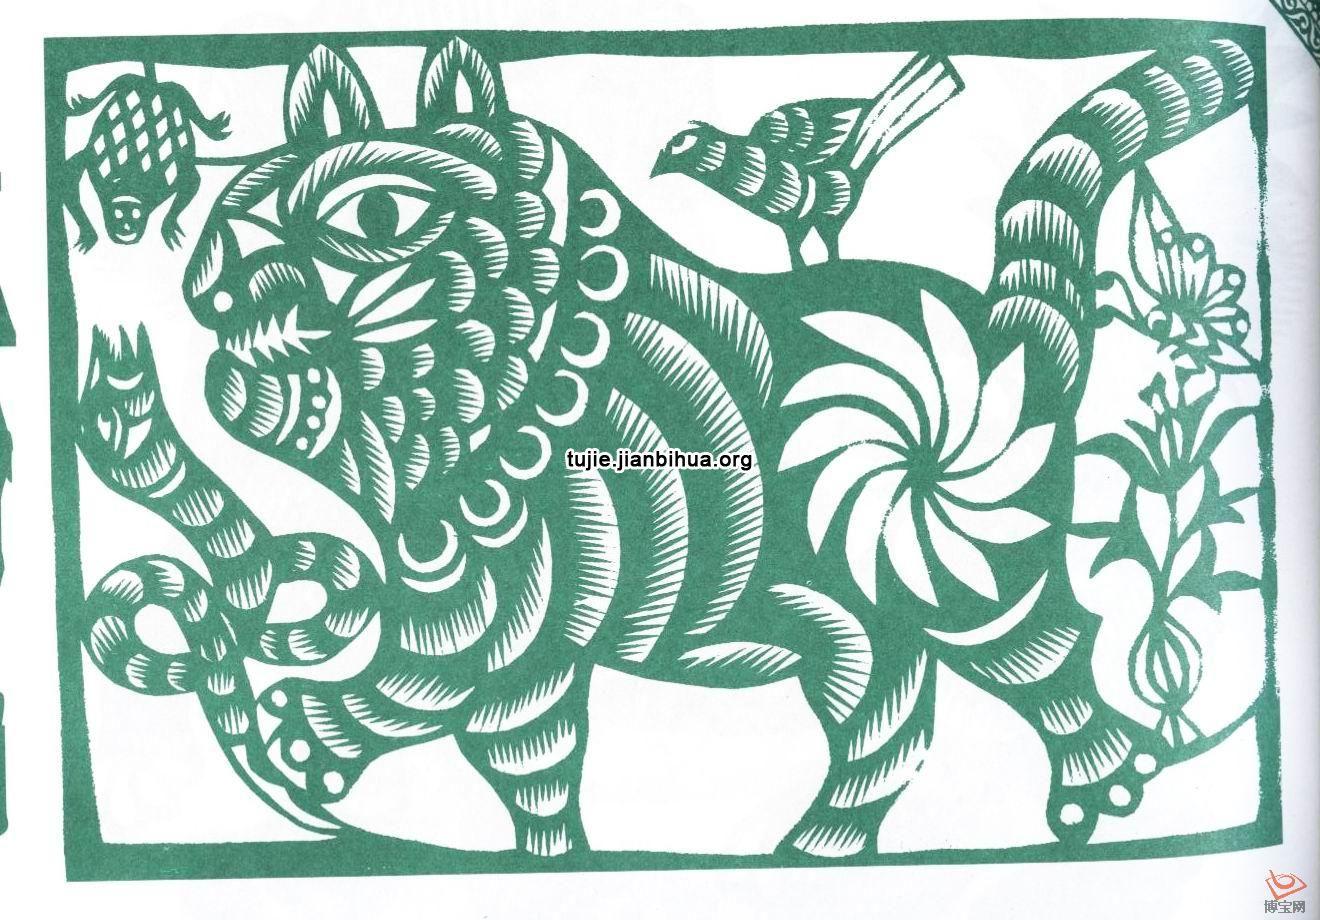 云南民间剪纸 云南的剪纸基本有两种作用。一是寺庙中的神幔、神树及旗幡上的剪纸或刻纸,多为信徒们敬神拜佛的贡献之物。其题材样式包括有云南地方特色的大象、牛羊、佛塔、衣裤、器皿、人物、花鸟及吉祥的图案等。造型简略单纯,有一种原始稚拙的意味。神幔如北方民间的挂帘剪纸,但都很大。常常是多张纸贴接在一起。折叠刻出重复的图案。具有神秘的宗教气息。  刺绣是南方诸多民族女性擅长手艺。而要有别致的花样,就必得学剪。这里的一幅鞋花三幅胸襟花,是白族女性所剪。从内容上看来,已完全是汉族的戏故事,只有其中的佛塔及建筑,仍存有